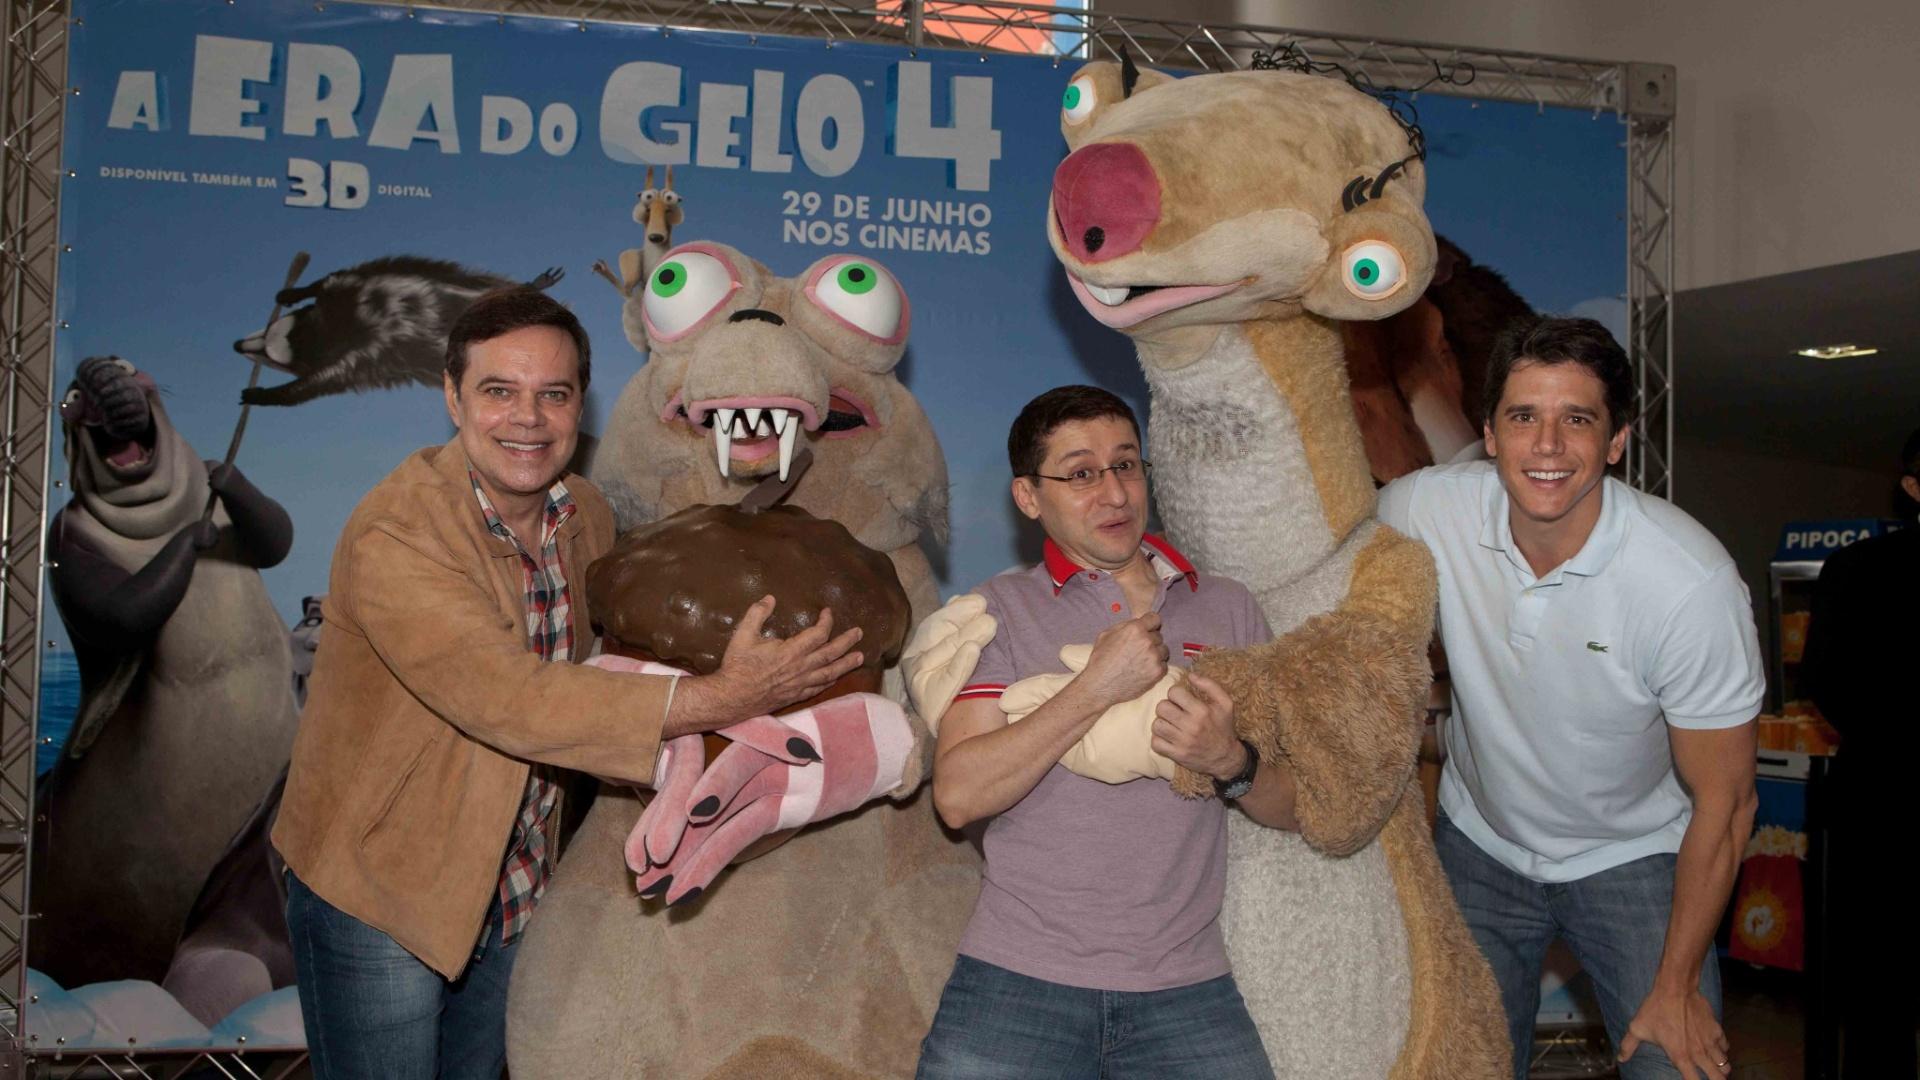 Os atores DiogoVilela, Márcio Garcia e Tadeu Mello prestigiaram no último domingo a pré-estreia do filme